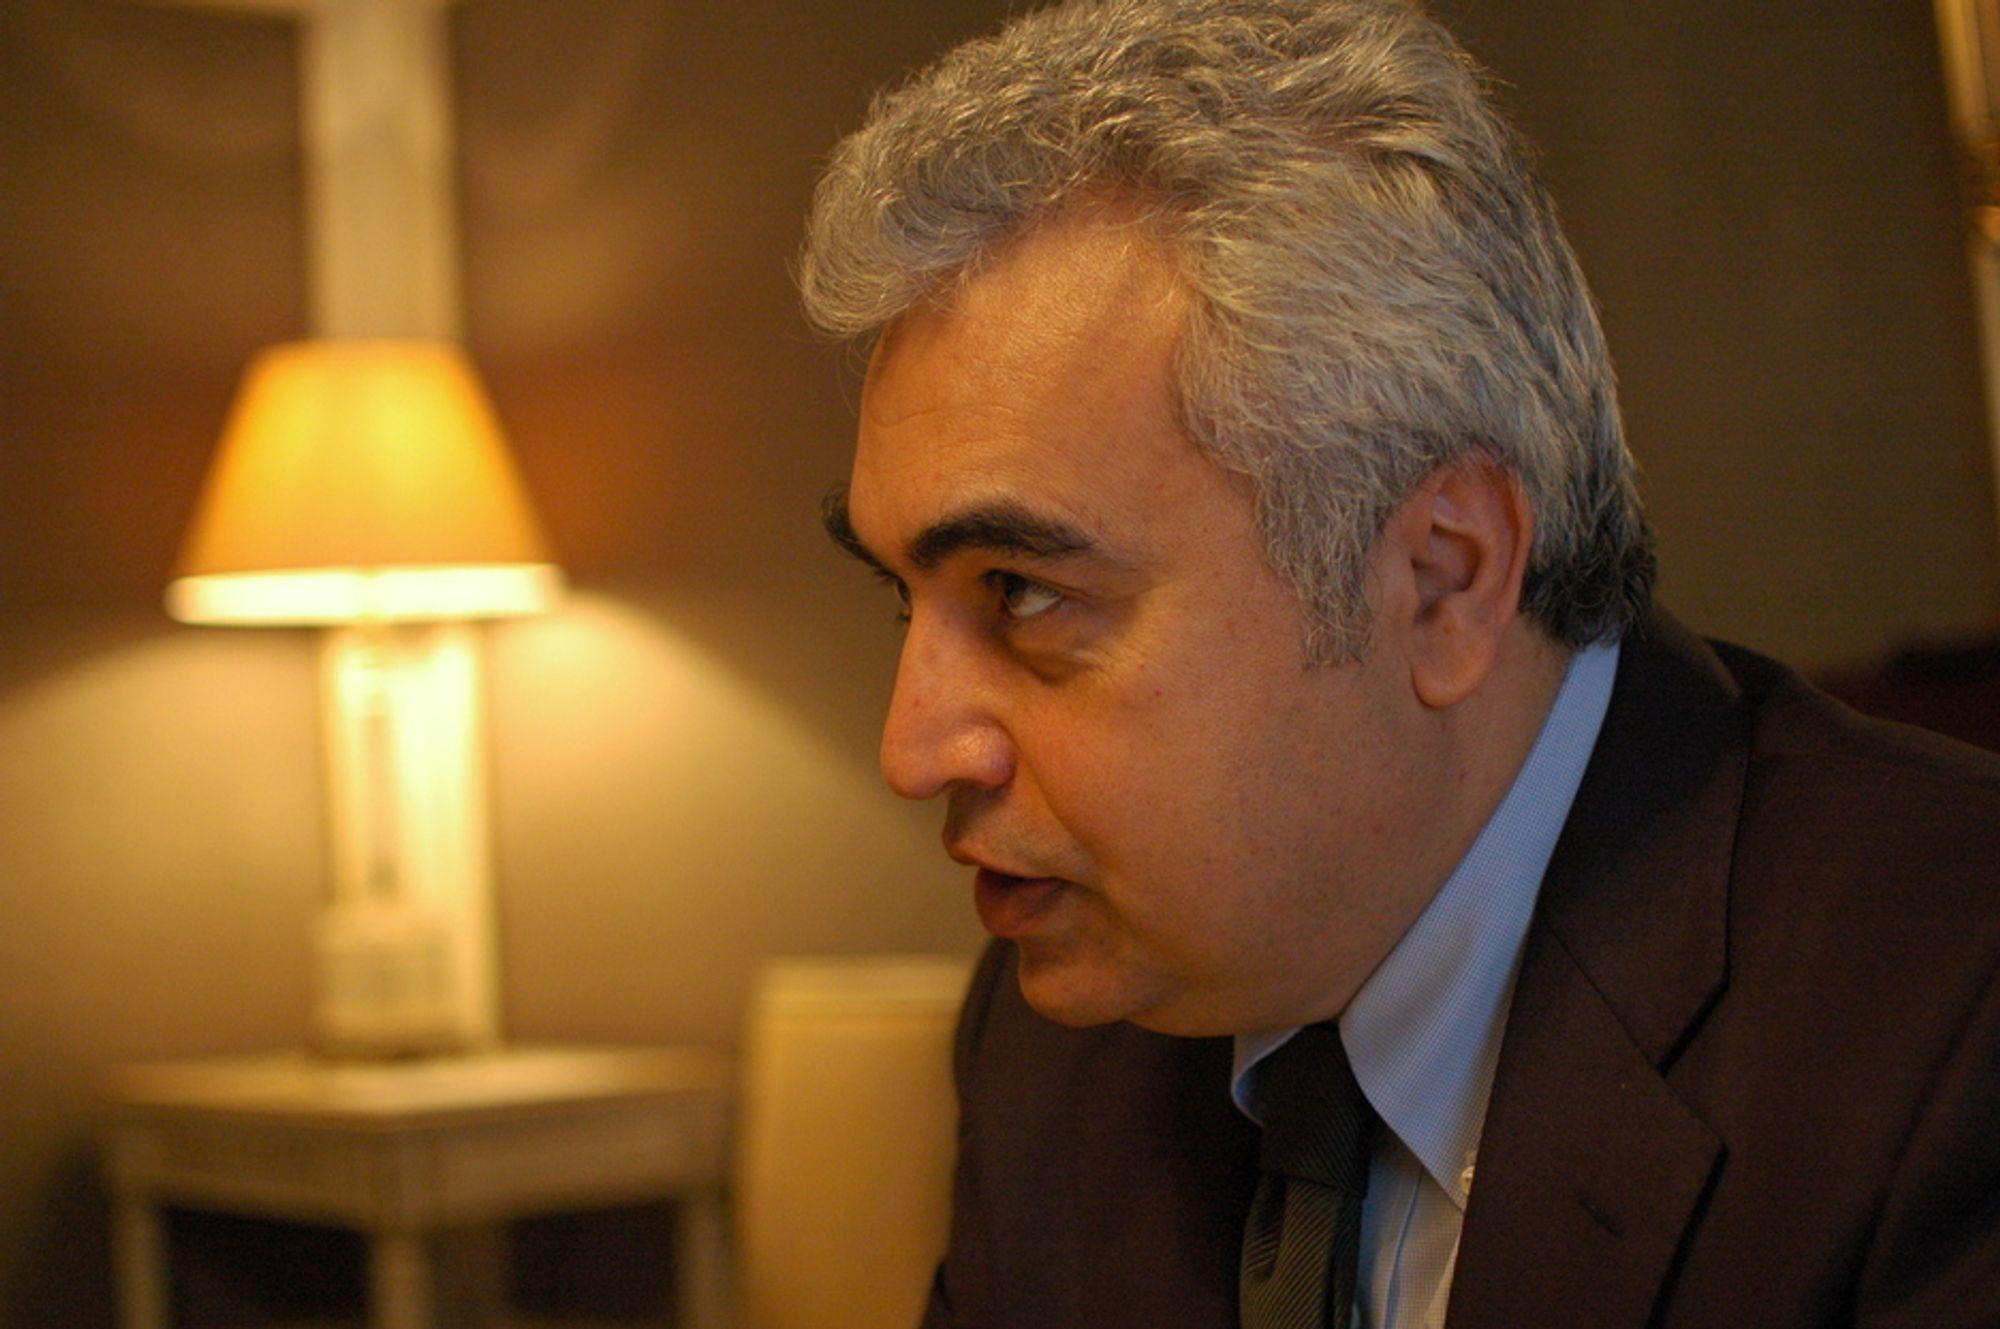 BREMSER VEKSTEN: Sjeføkonom Fatih Birol er bekymret for verdens vekst. Det mangler 1-2 millioner fat olje per dag, og i sommer venter IEA at etterspørselen vil øke med minst 3 millioner fat per dag. Med mindre Opec åpner kranene kan det bli trøbbel. Investeringene i ny produksjon i Midtøsten og Nord-Afrika er også altfor små.